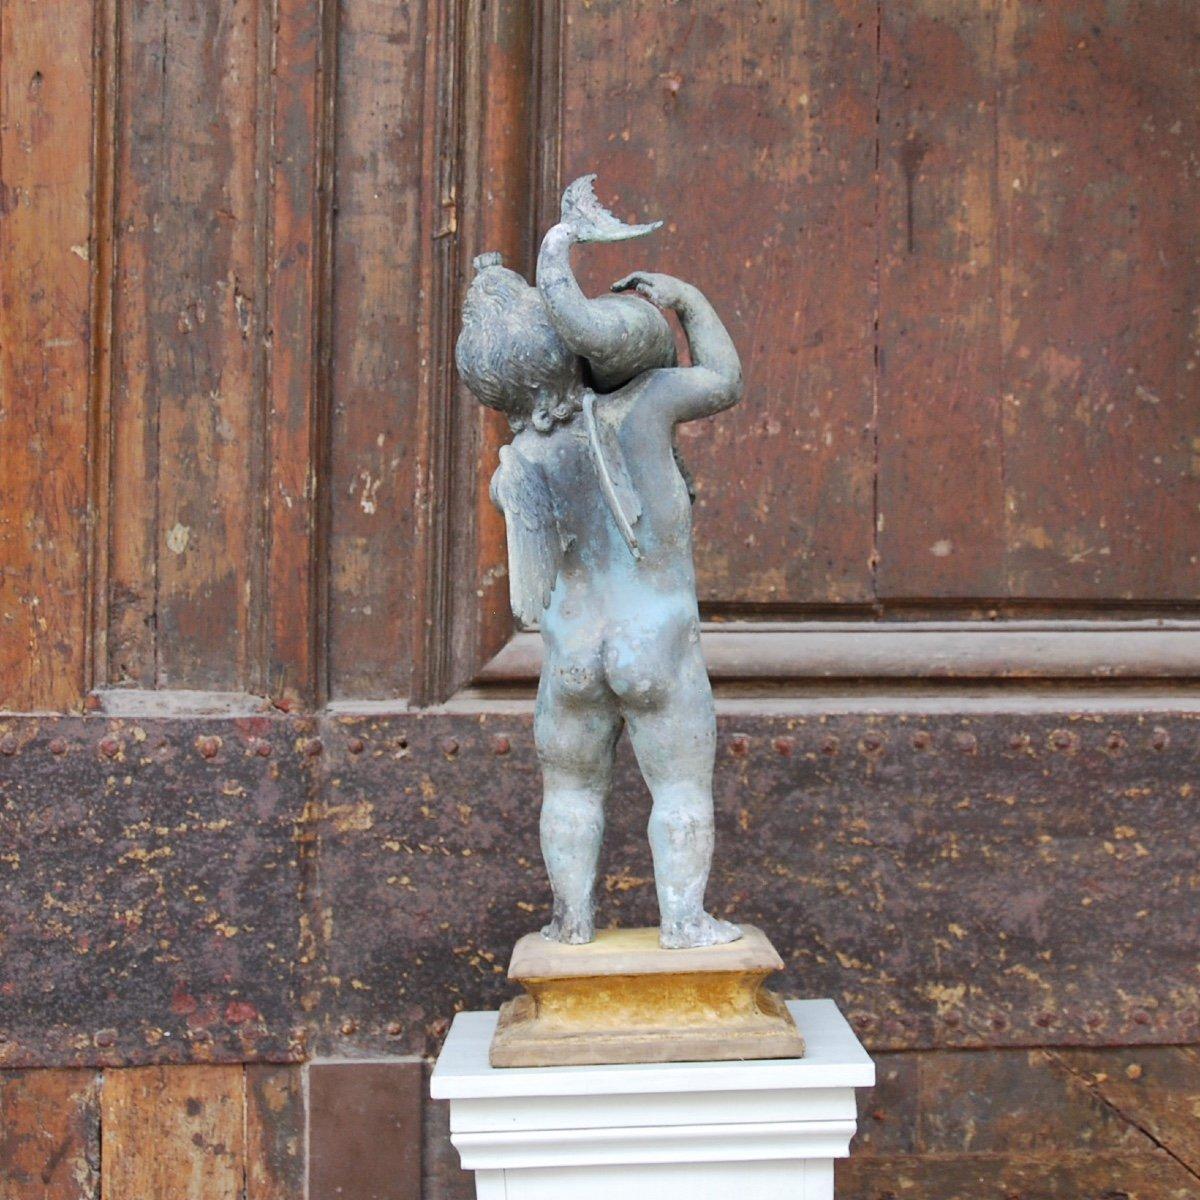 Sculpture En Bronze Au Dauphin Du Grand Tour-photo-7